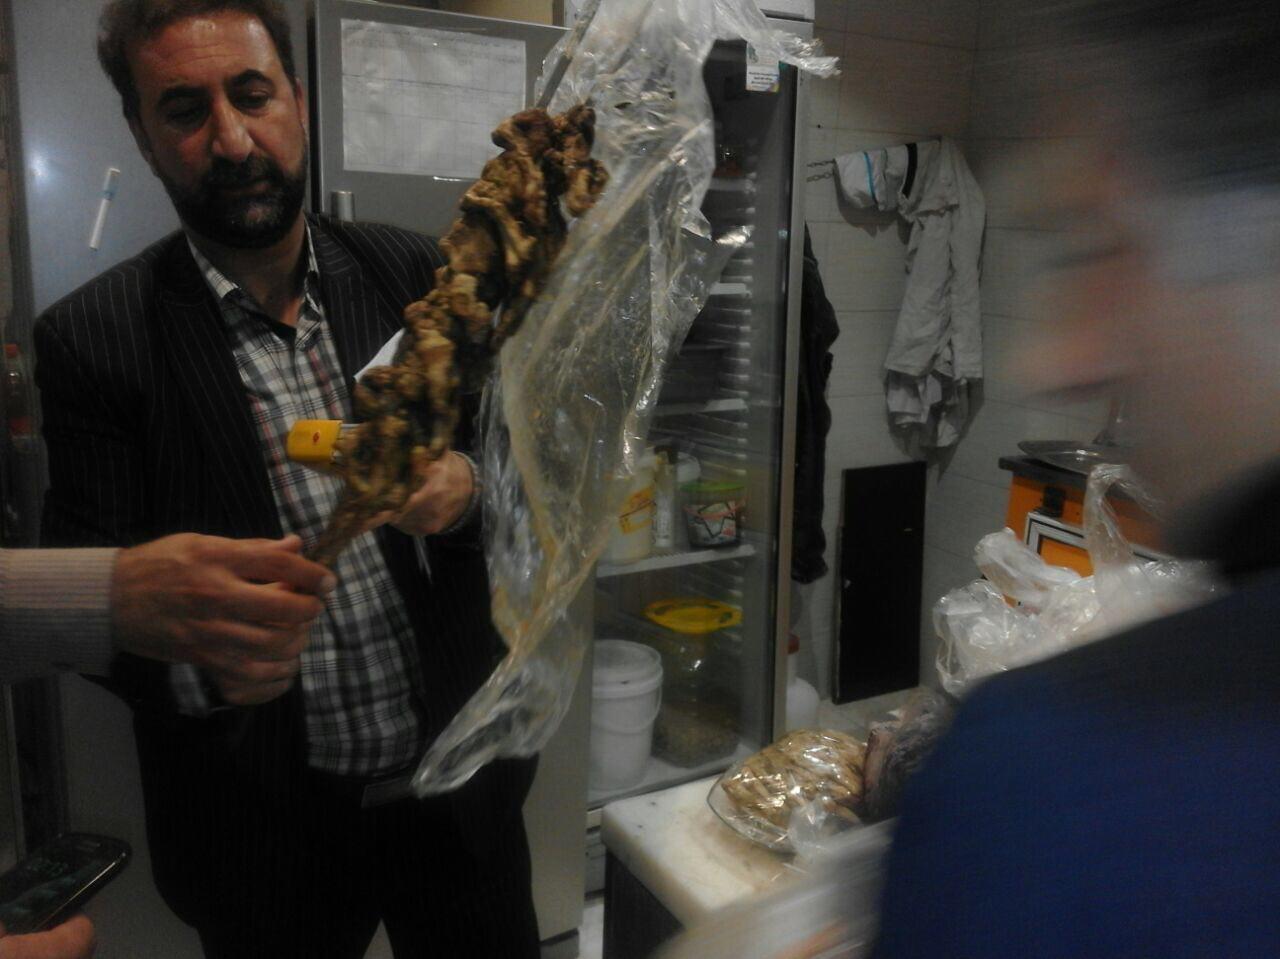 پلمپ رستورانی که از گوشتهای فاسد استفاده میکرد